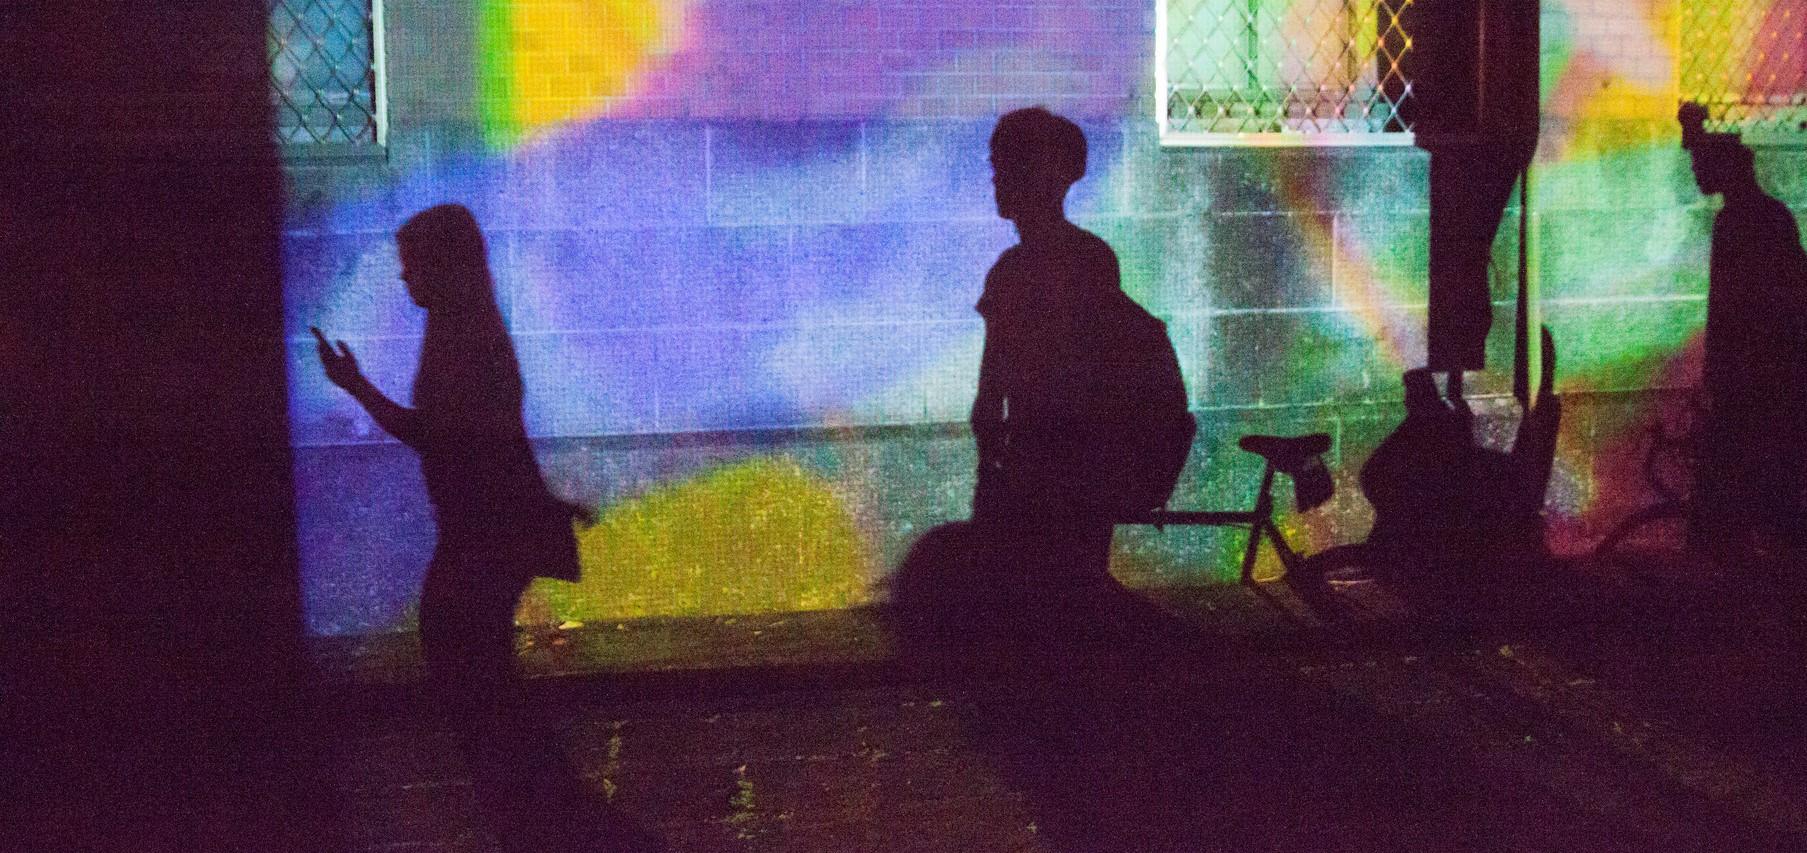 Spotlight_DL_02